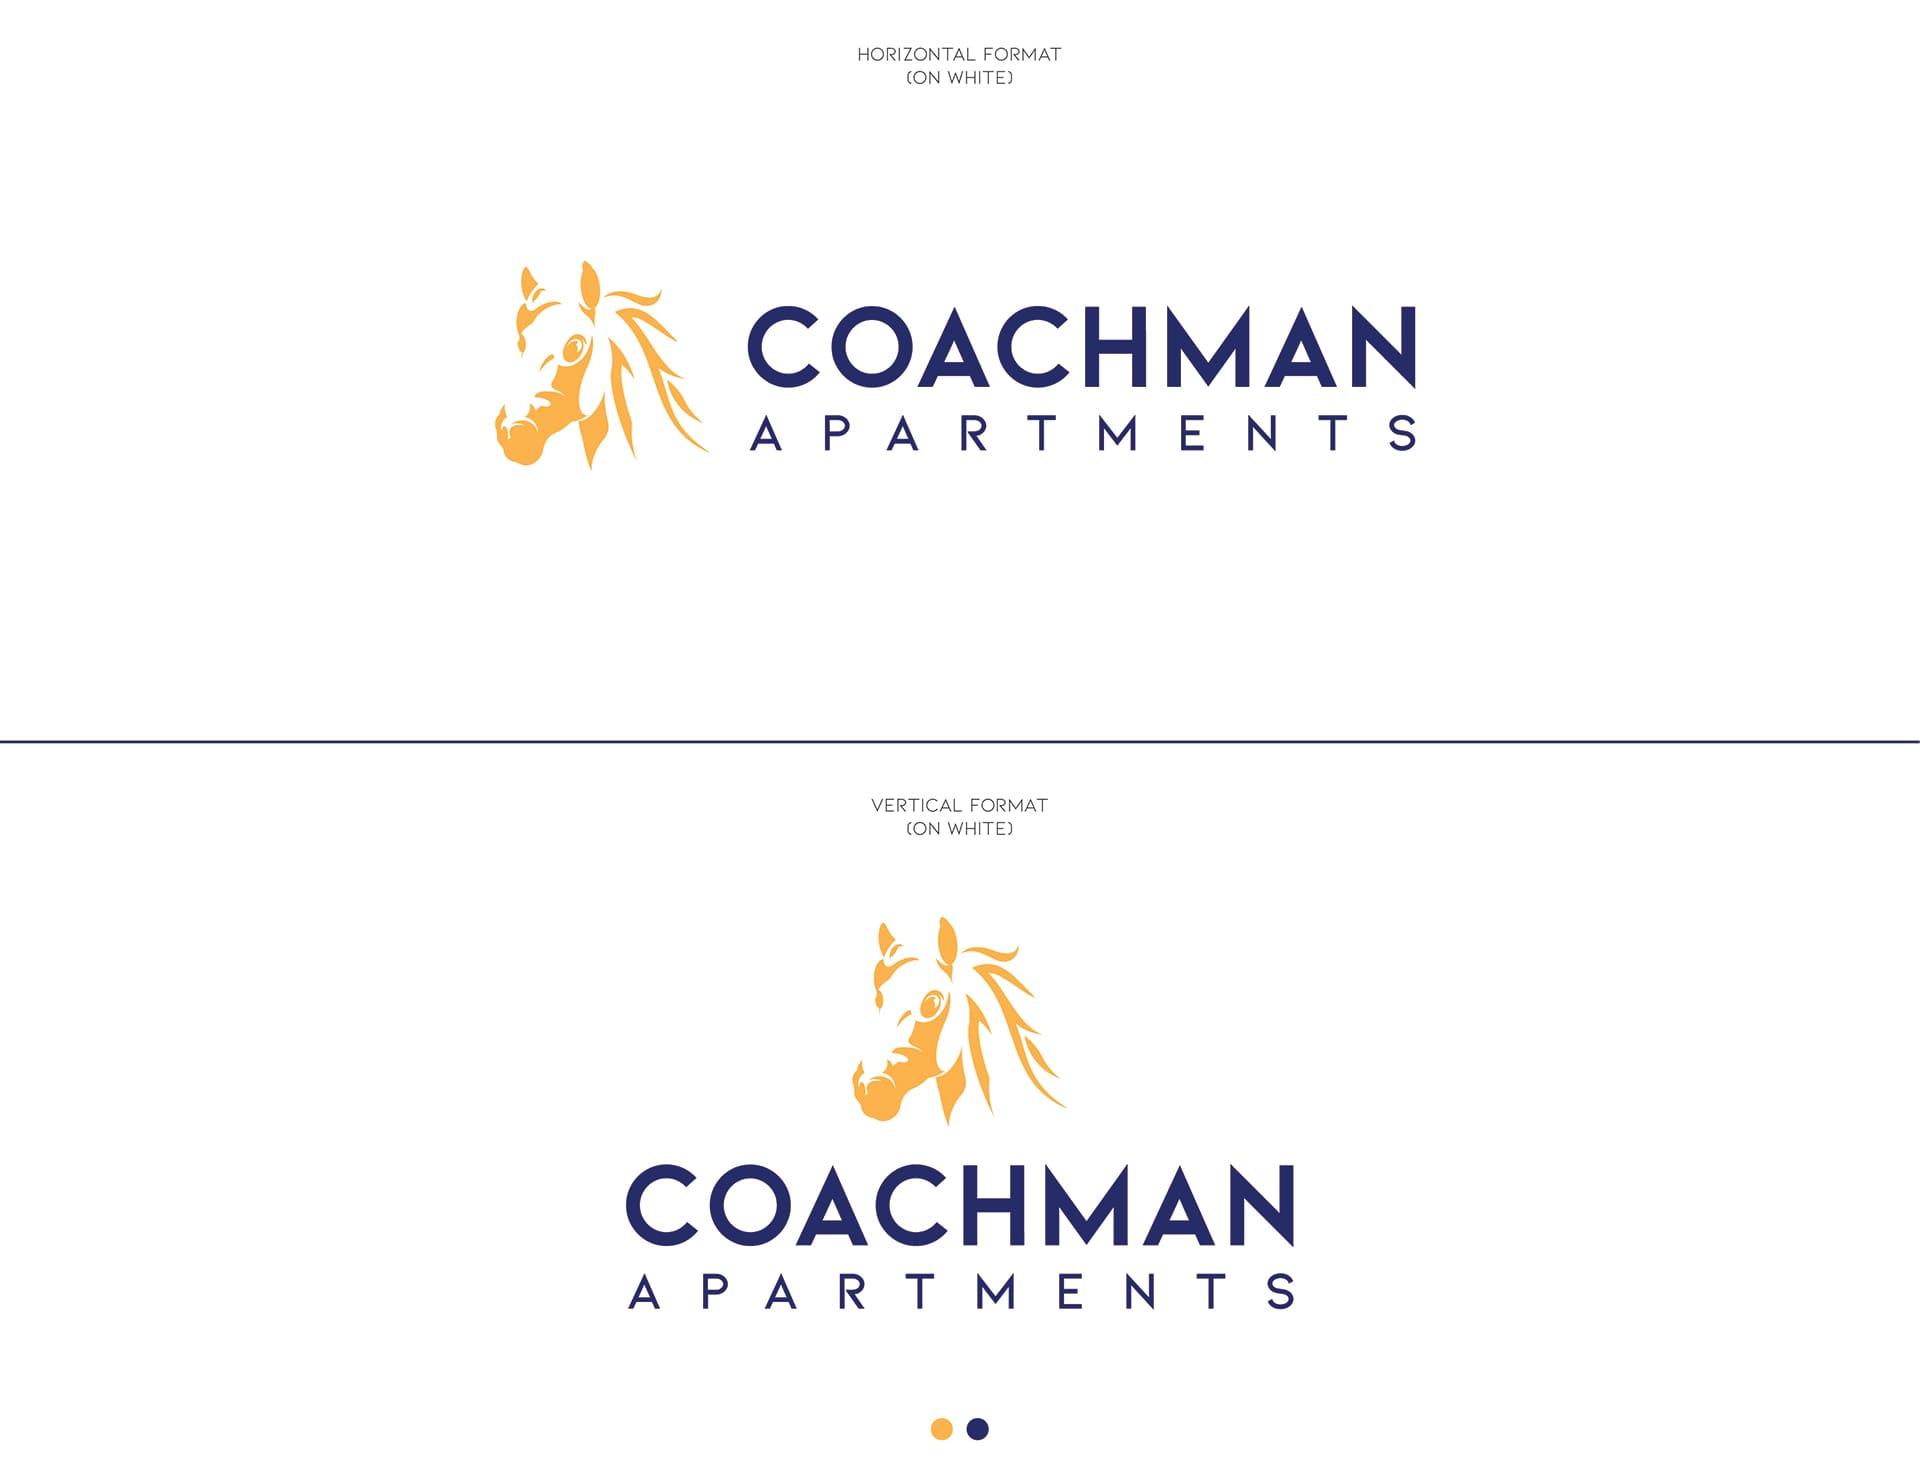 Coachman Logo Design - On White